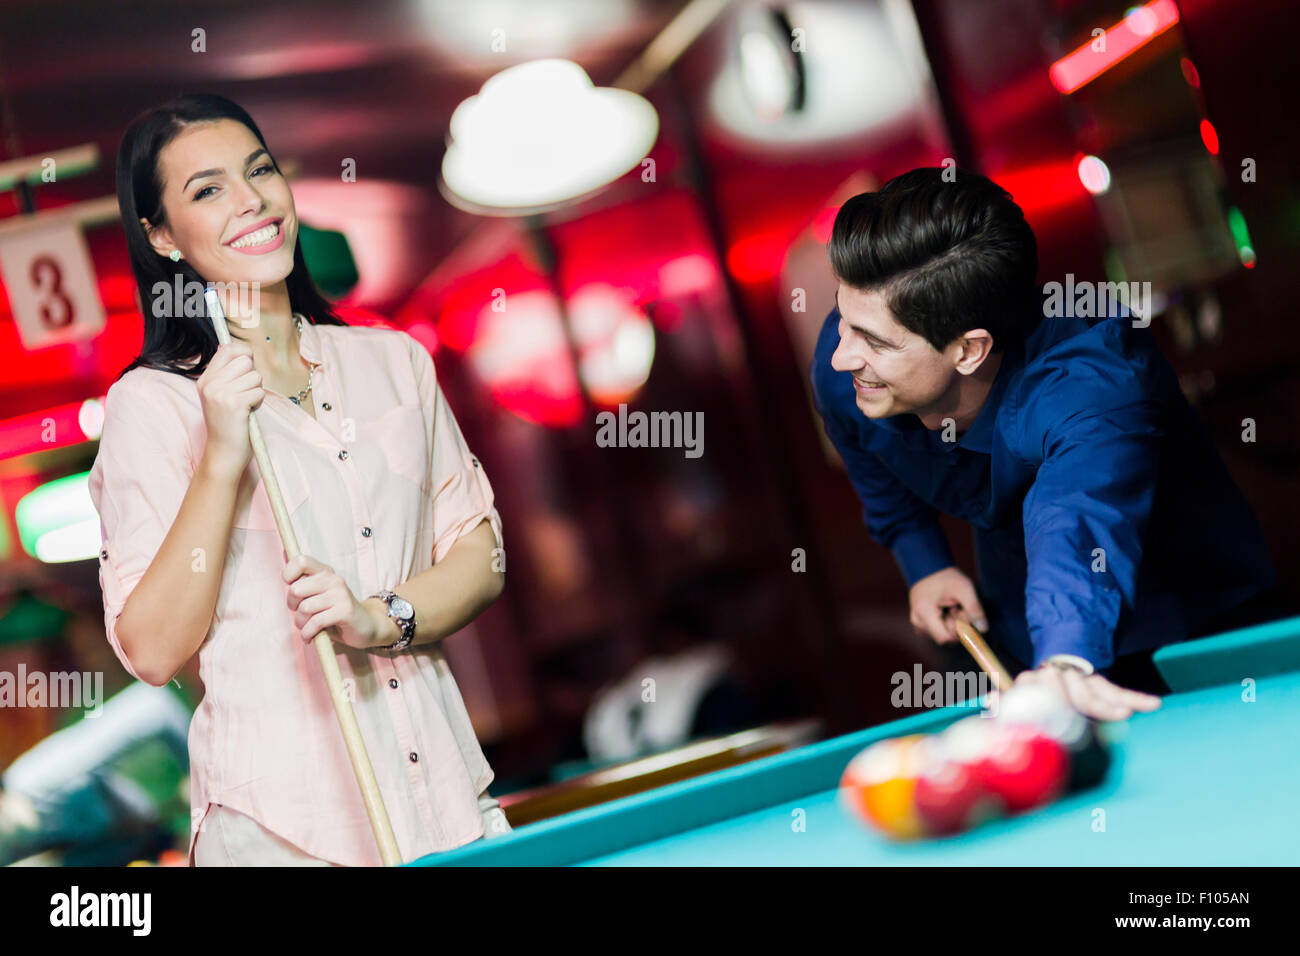 Los jóvenes jugando billar en un club pub Imagen De Stock